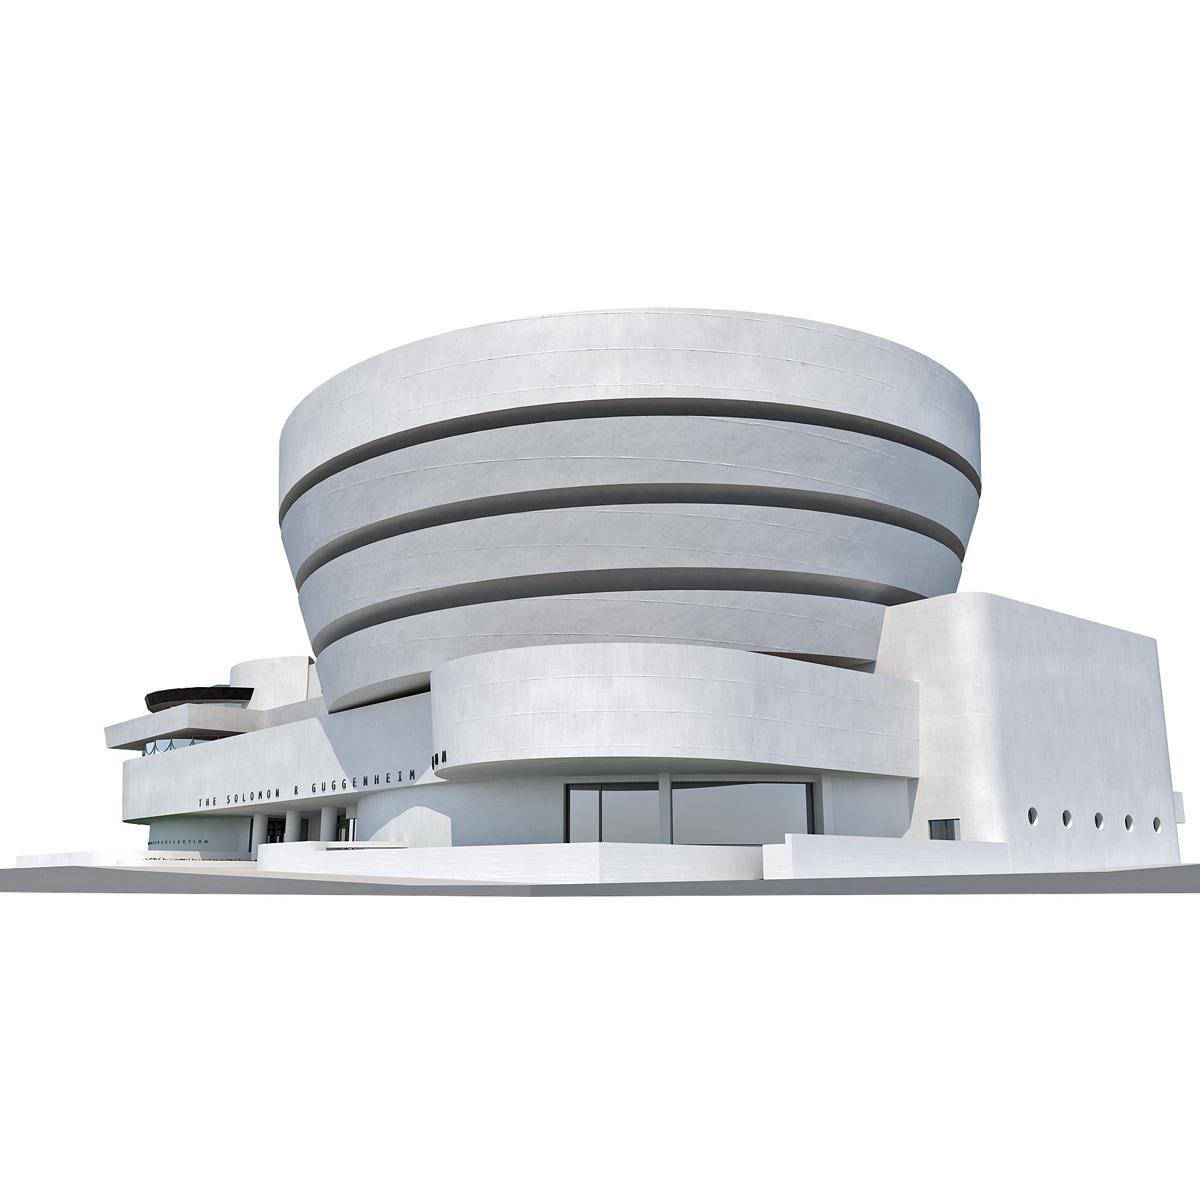 005_Solomon_R_Guggenheim_Museum.jpg